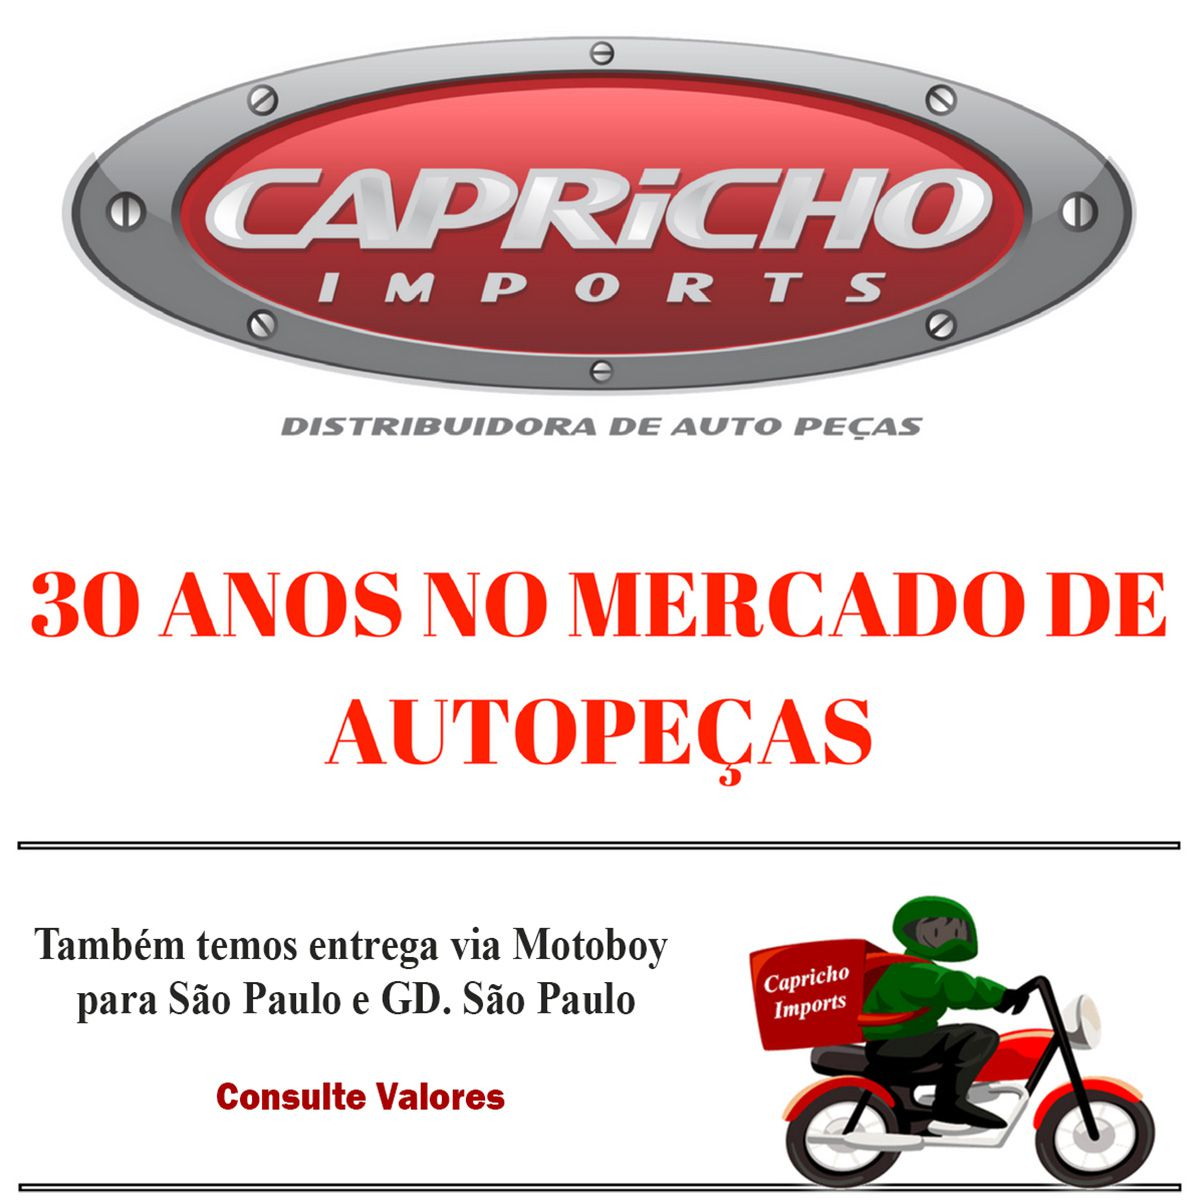 CAIXA DE DIREÇÃO HIDRÁULICA PASSAT ALEMÃO 2.8 3.0 V6 / AUDI A4